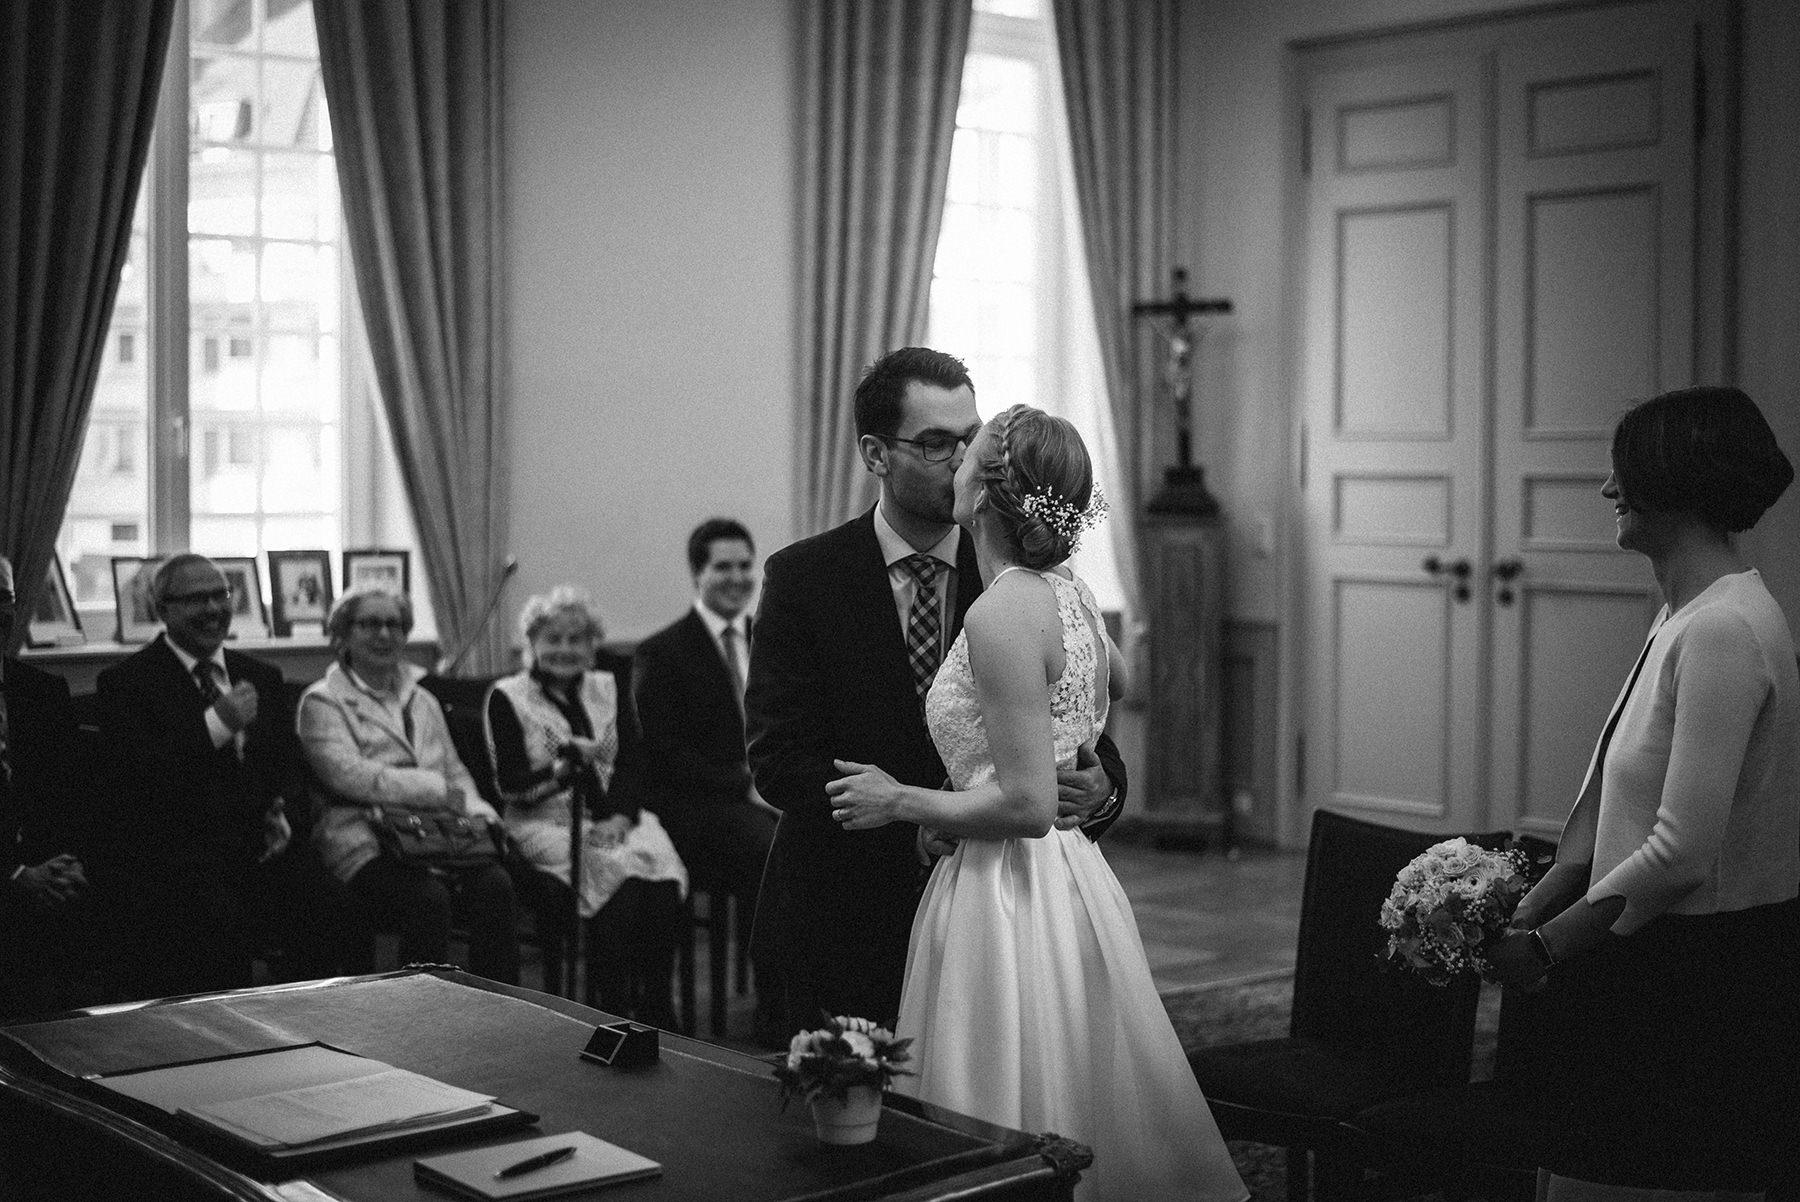 Hochzeit-Bonn-Kirschblüte-Sonja-Oliver-Dreamcatcher-Photography-Hochzeitsfotografie (10)